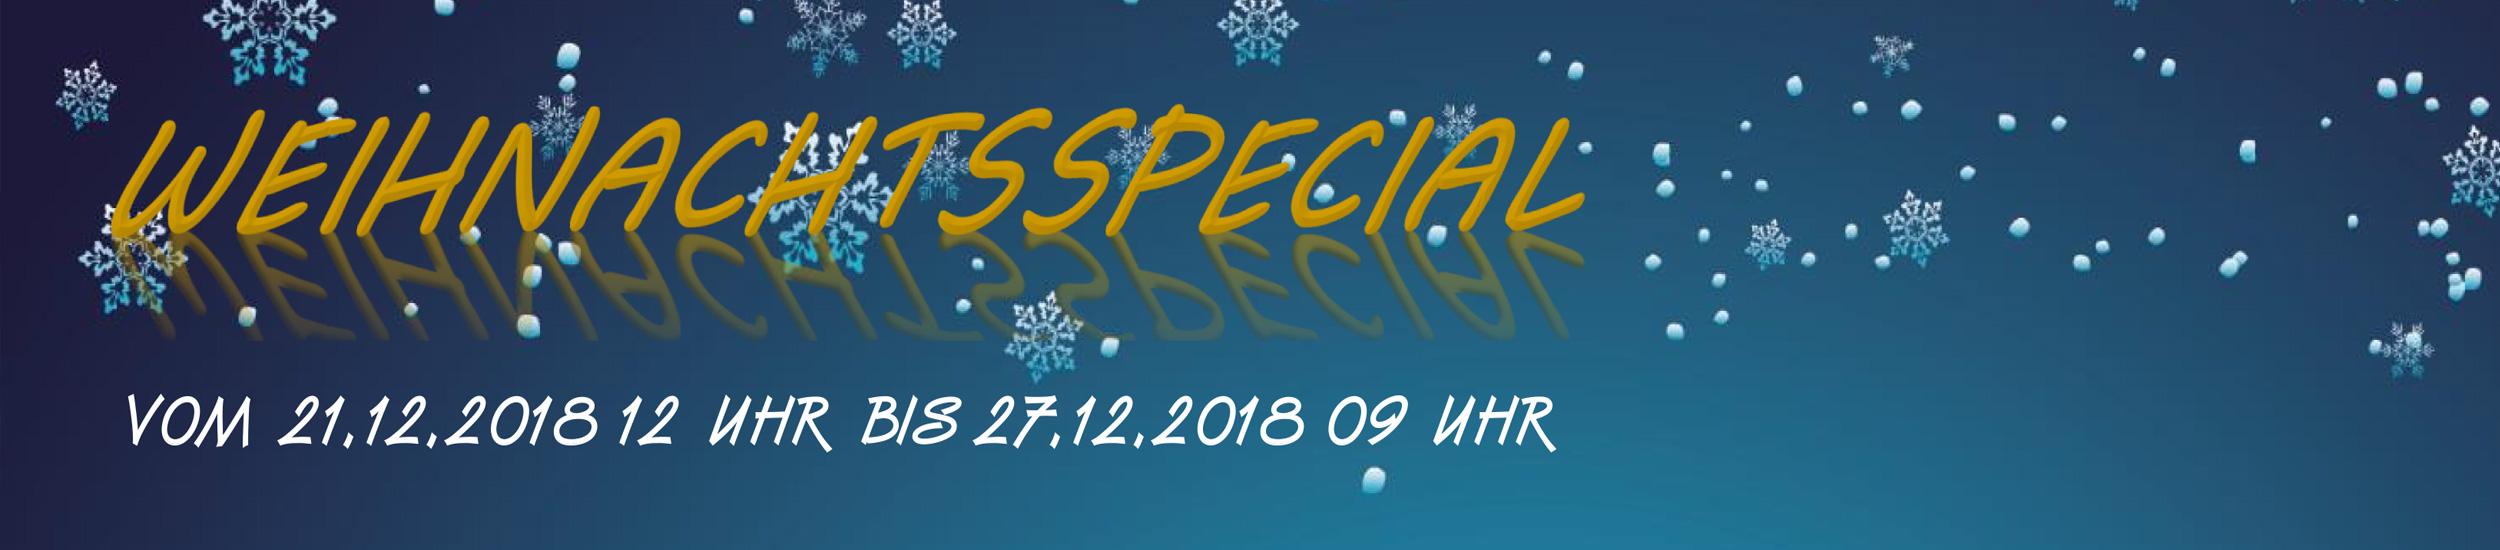 Weihnachtsspezial-bei-Sparmobile-2018